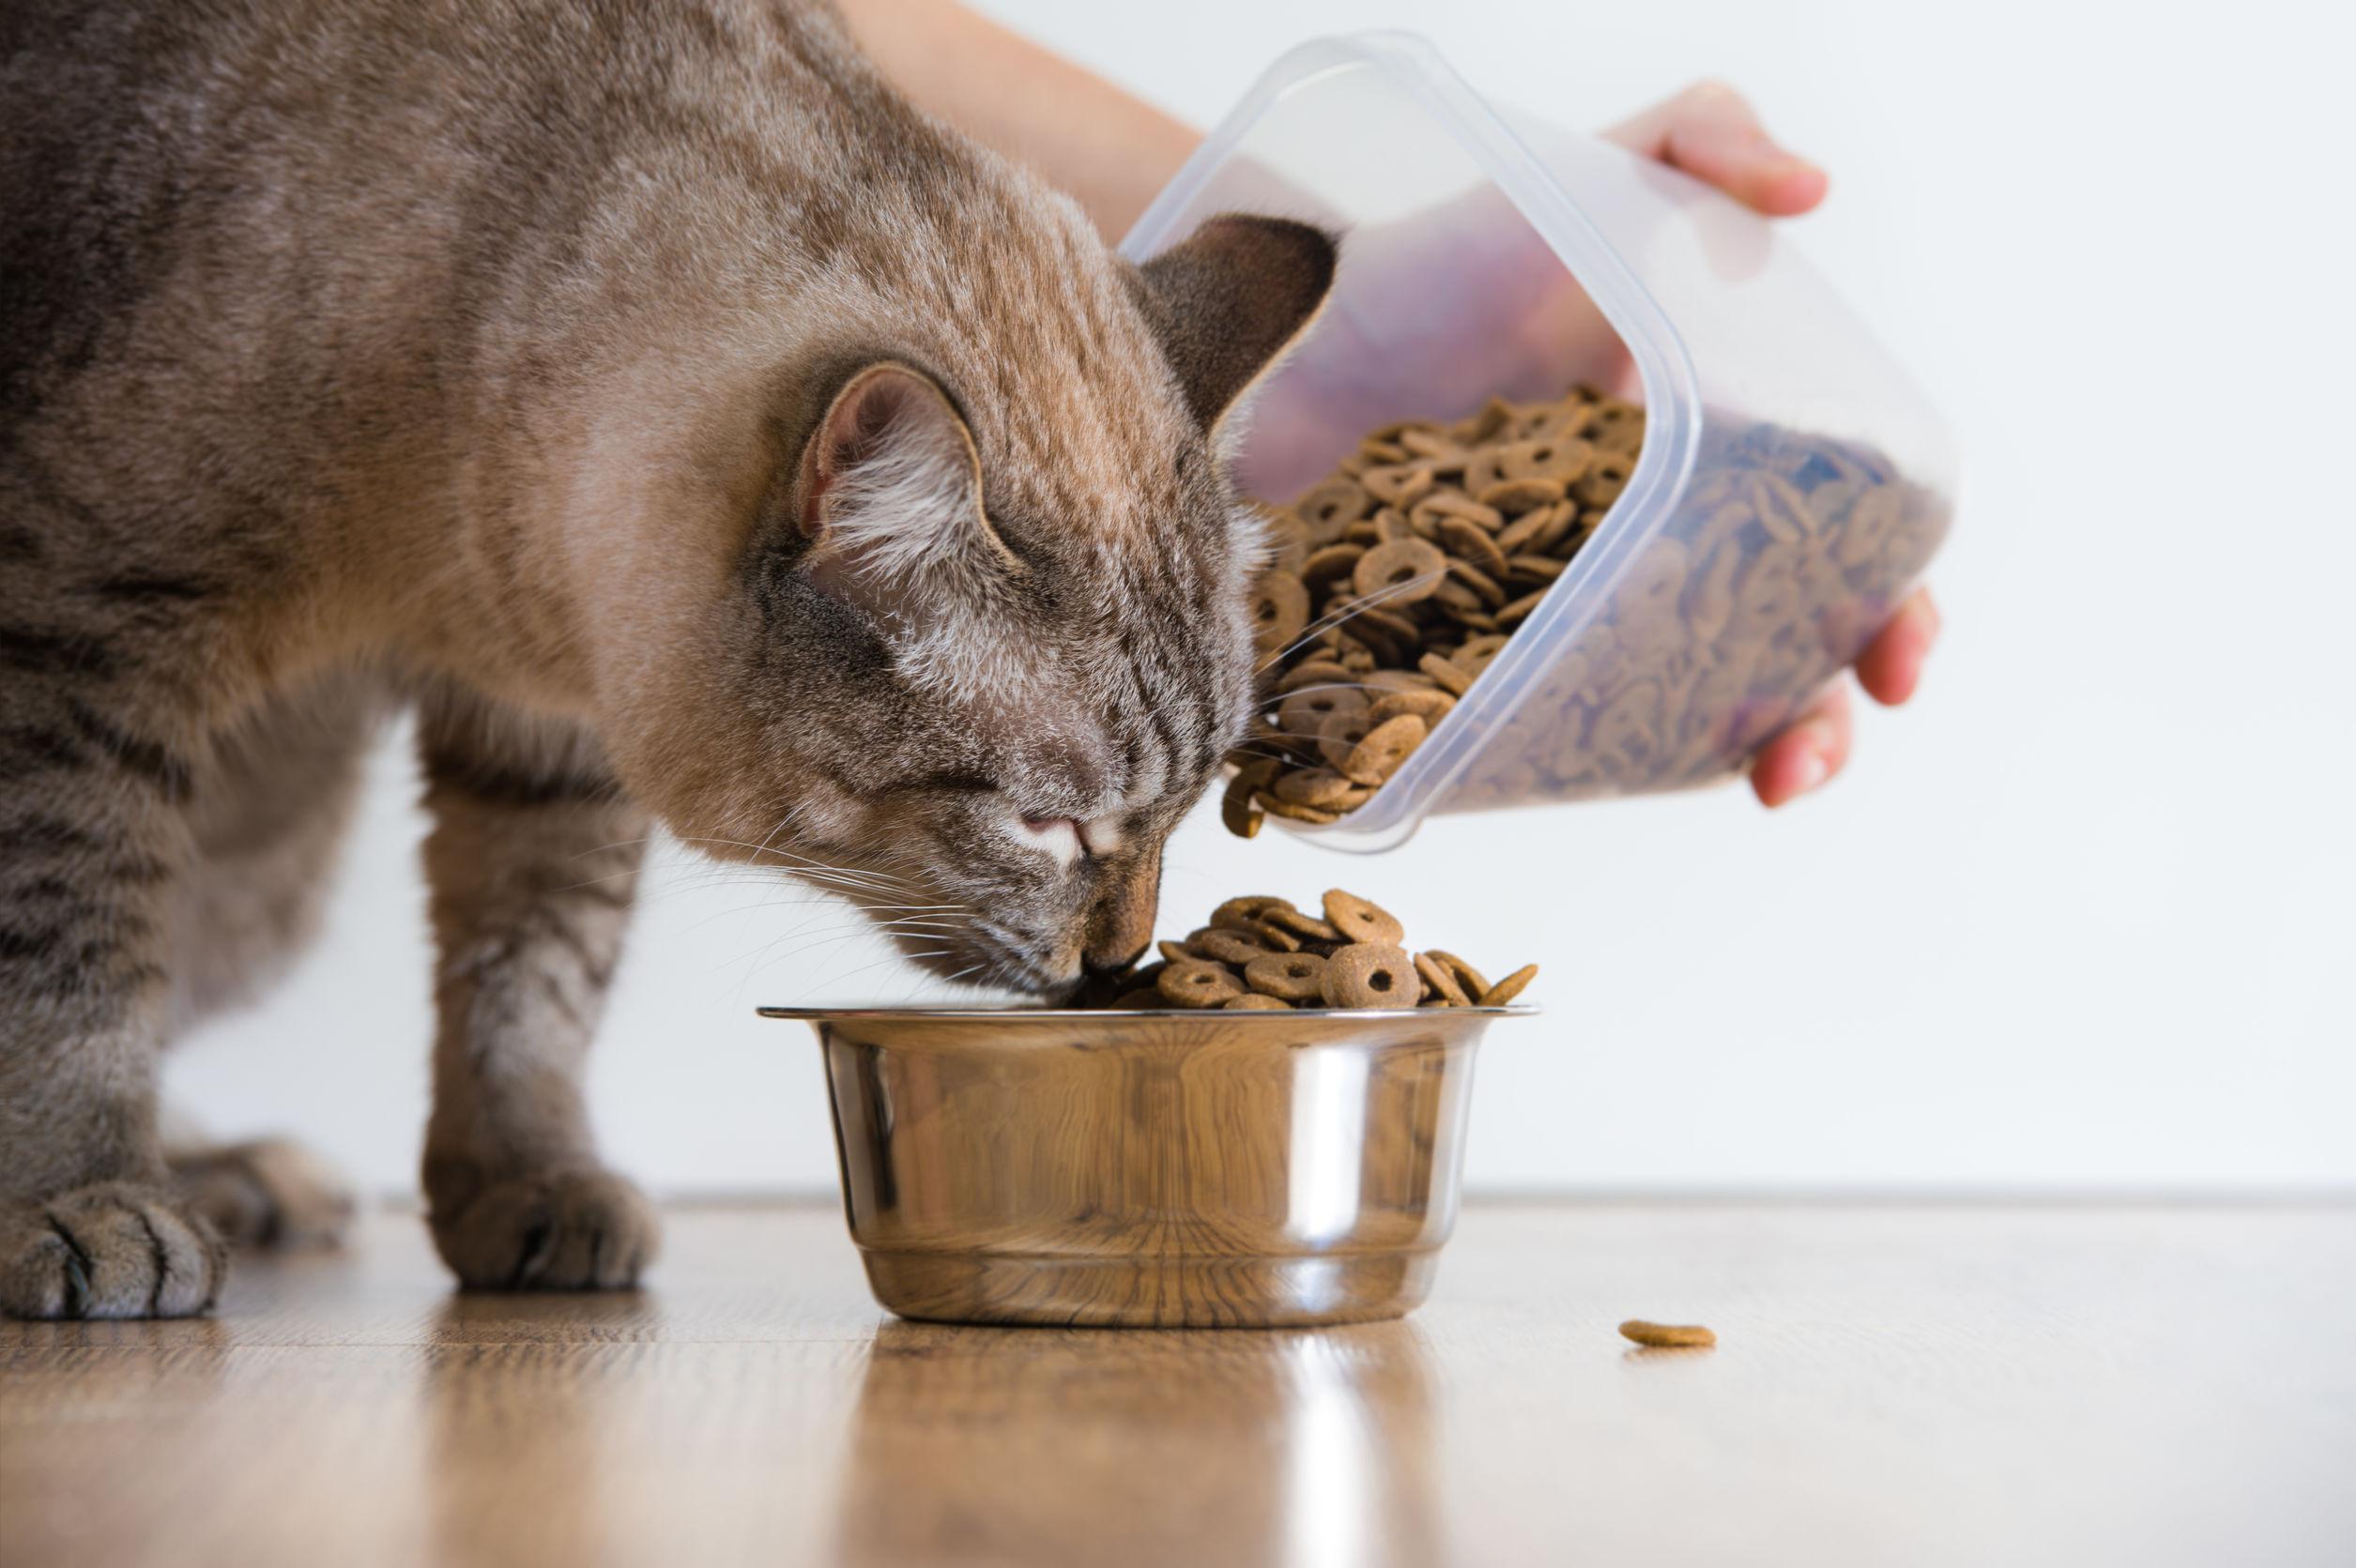 Comida para gato: ¿Cuál es la mejor del 2021?